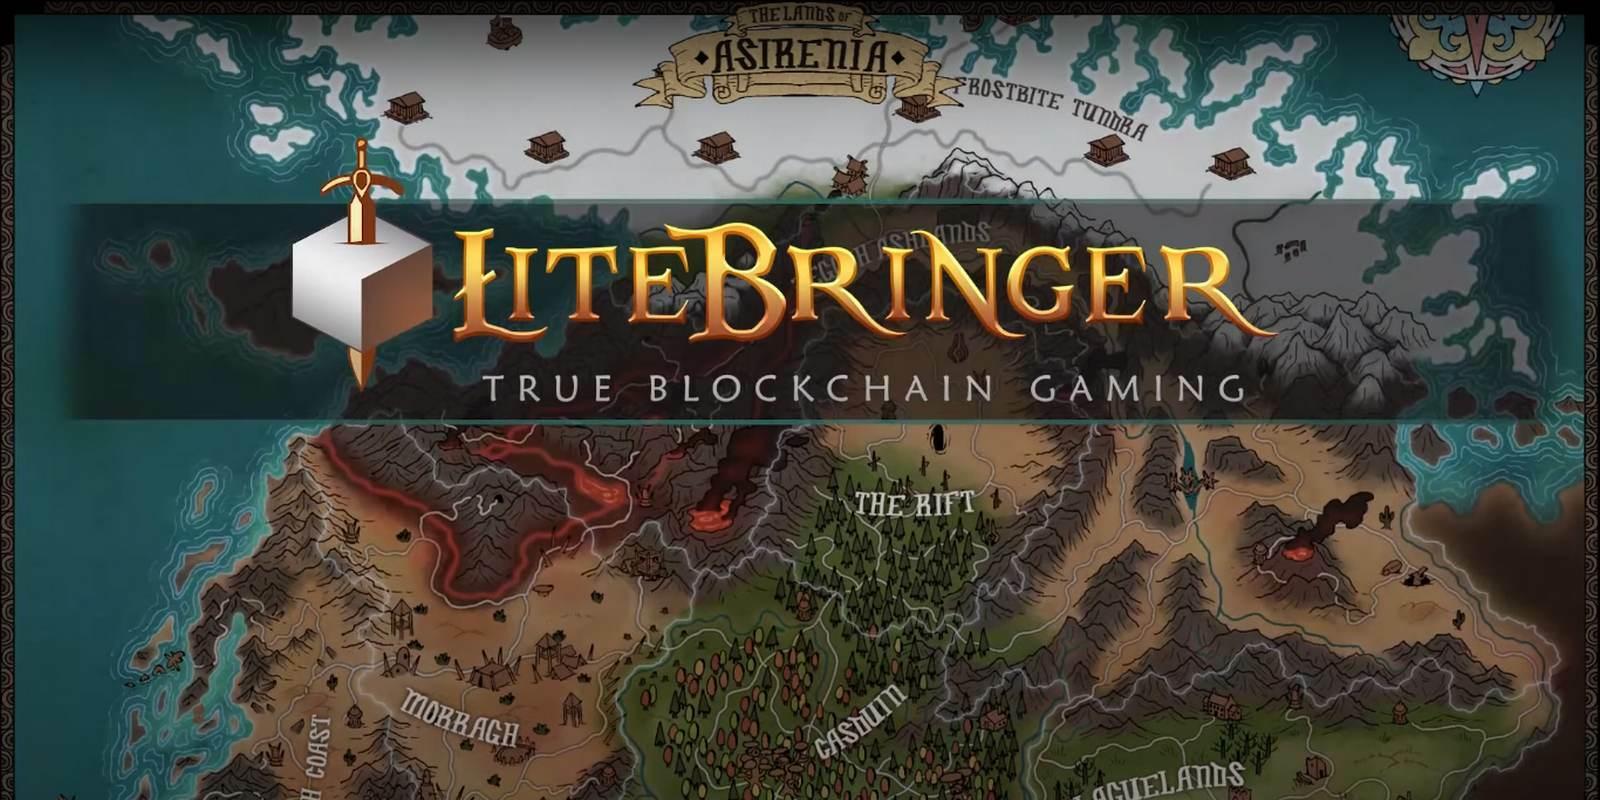 Litecoin : un jeu blockchain vous permet de gagner des LTC